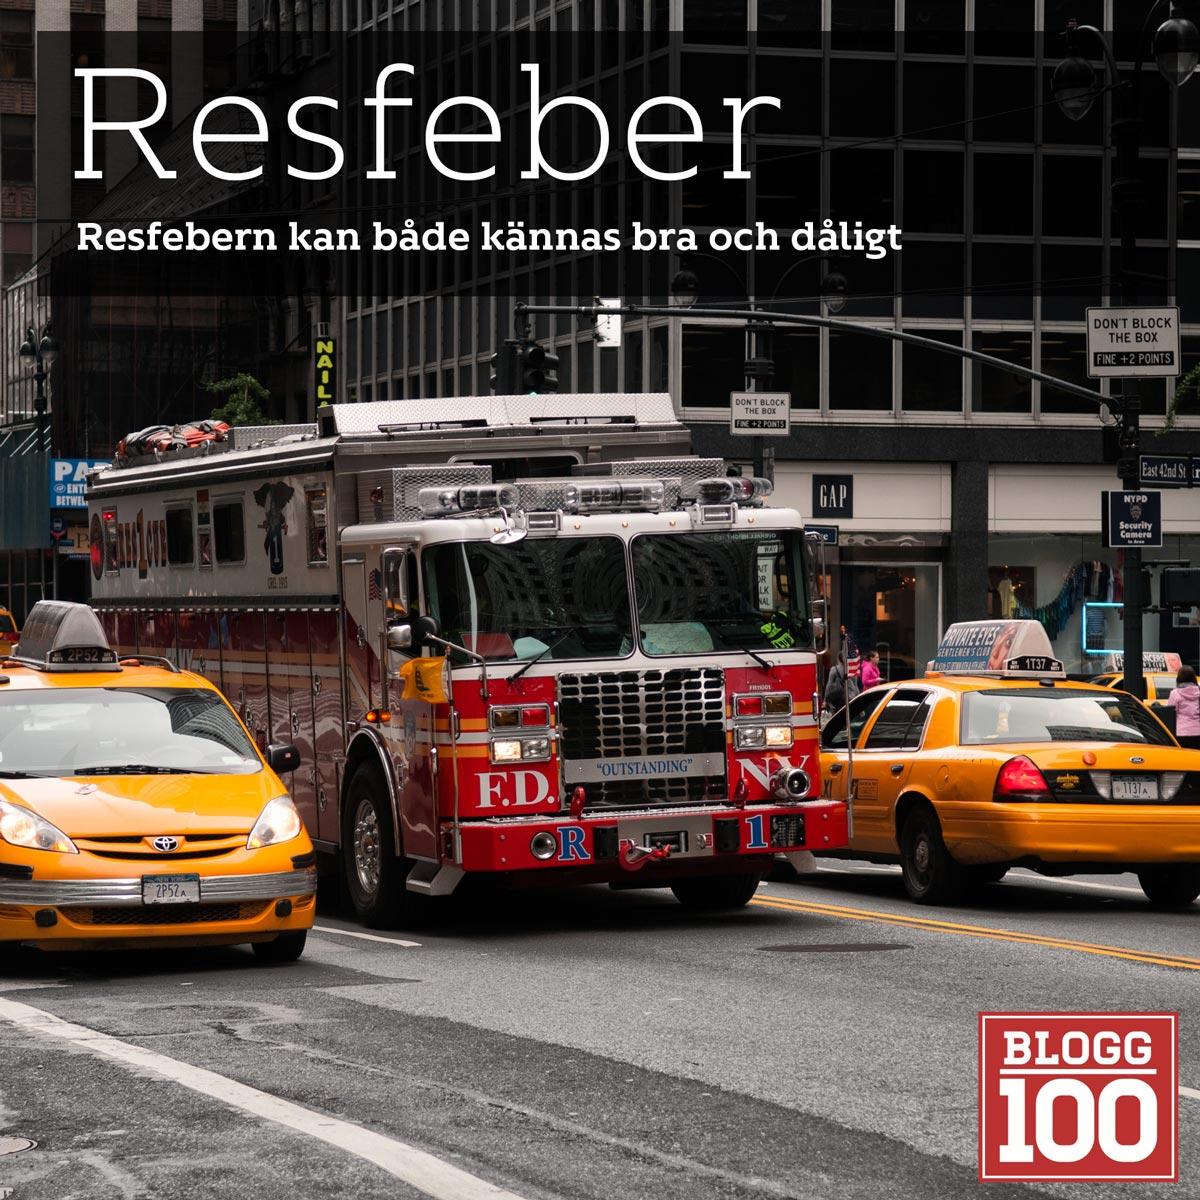 Resfeber, hej Asien #blogg100 #fb